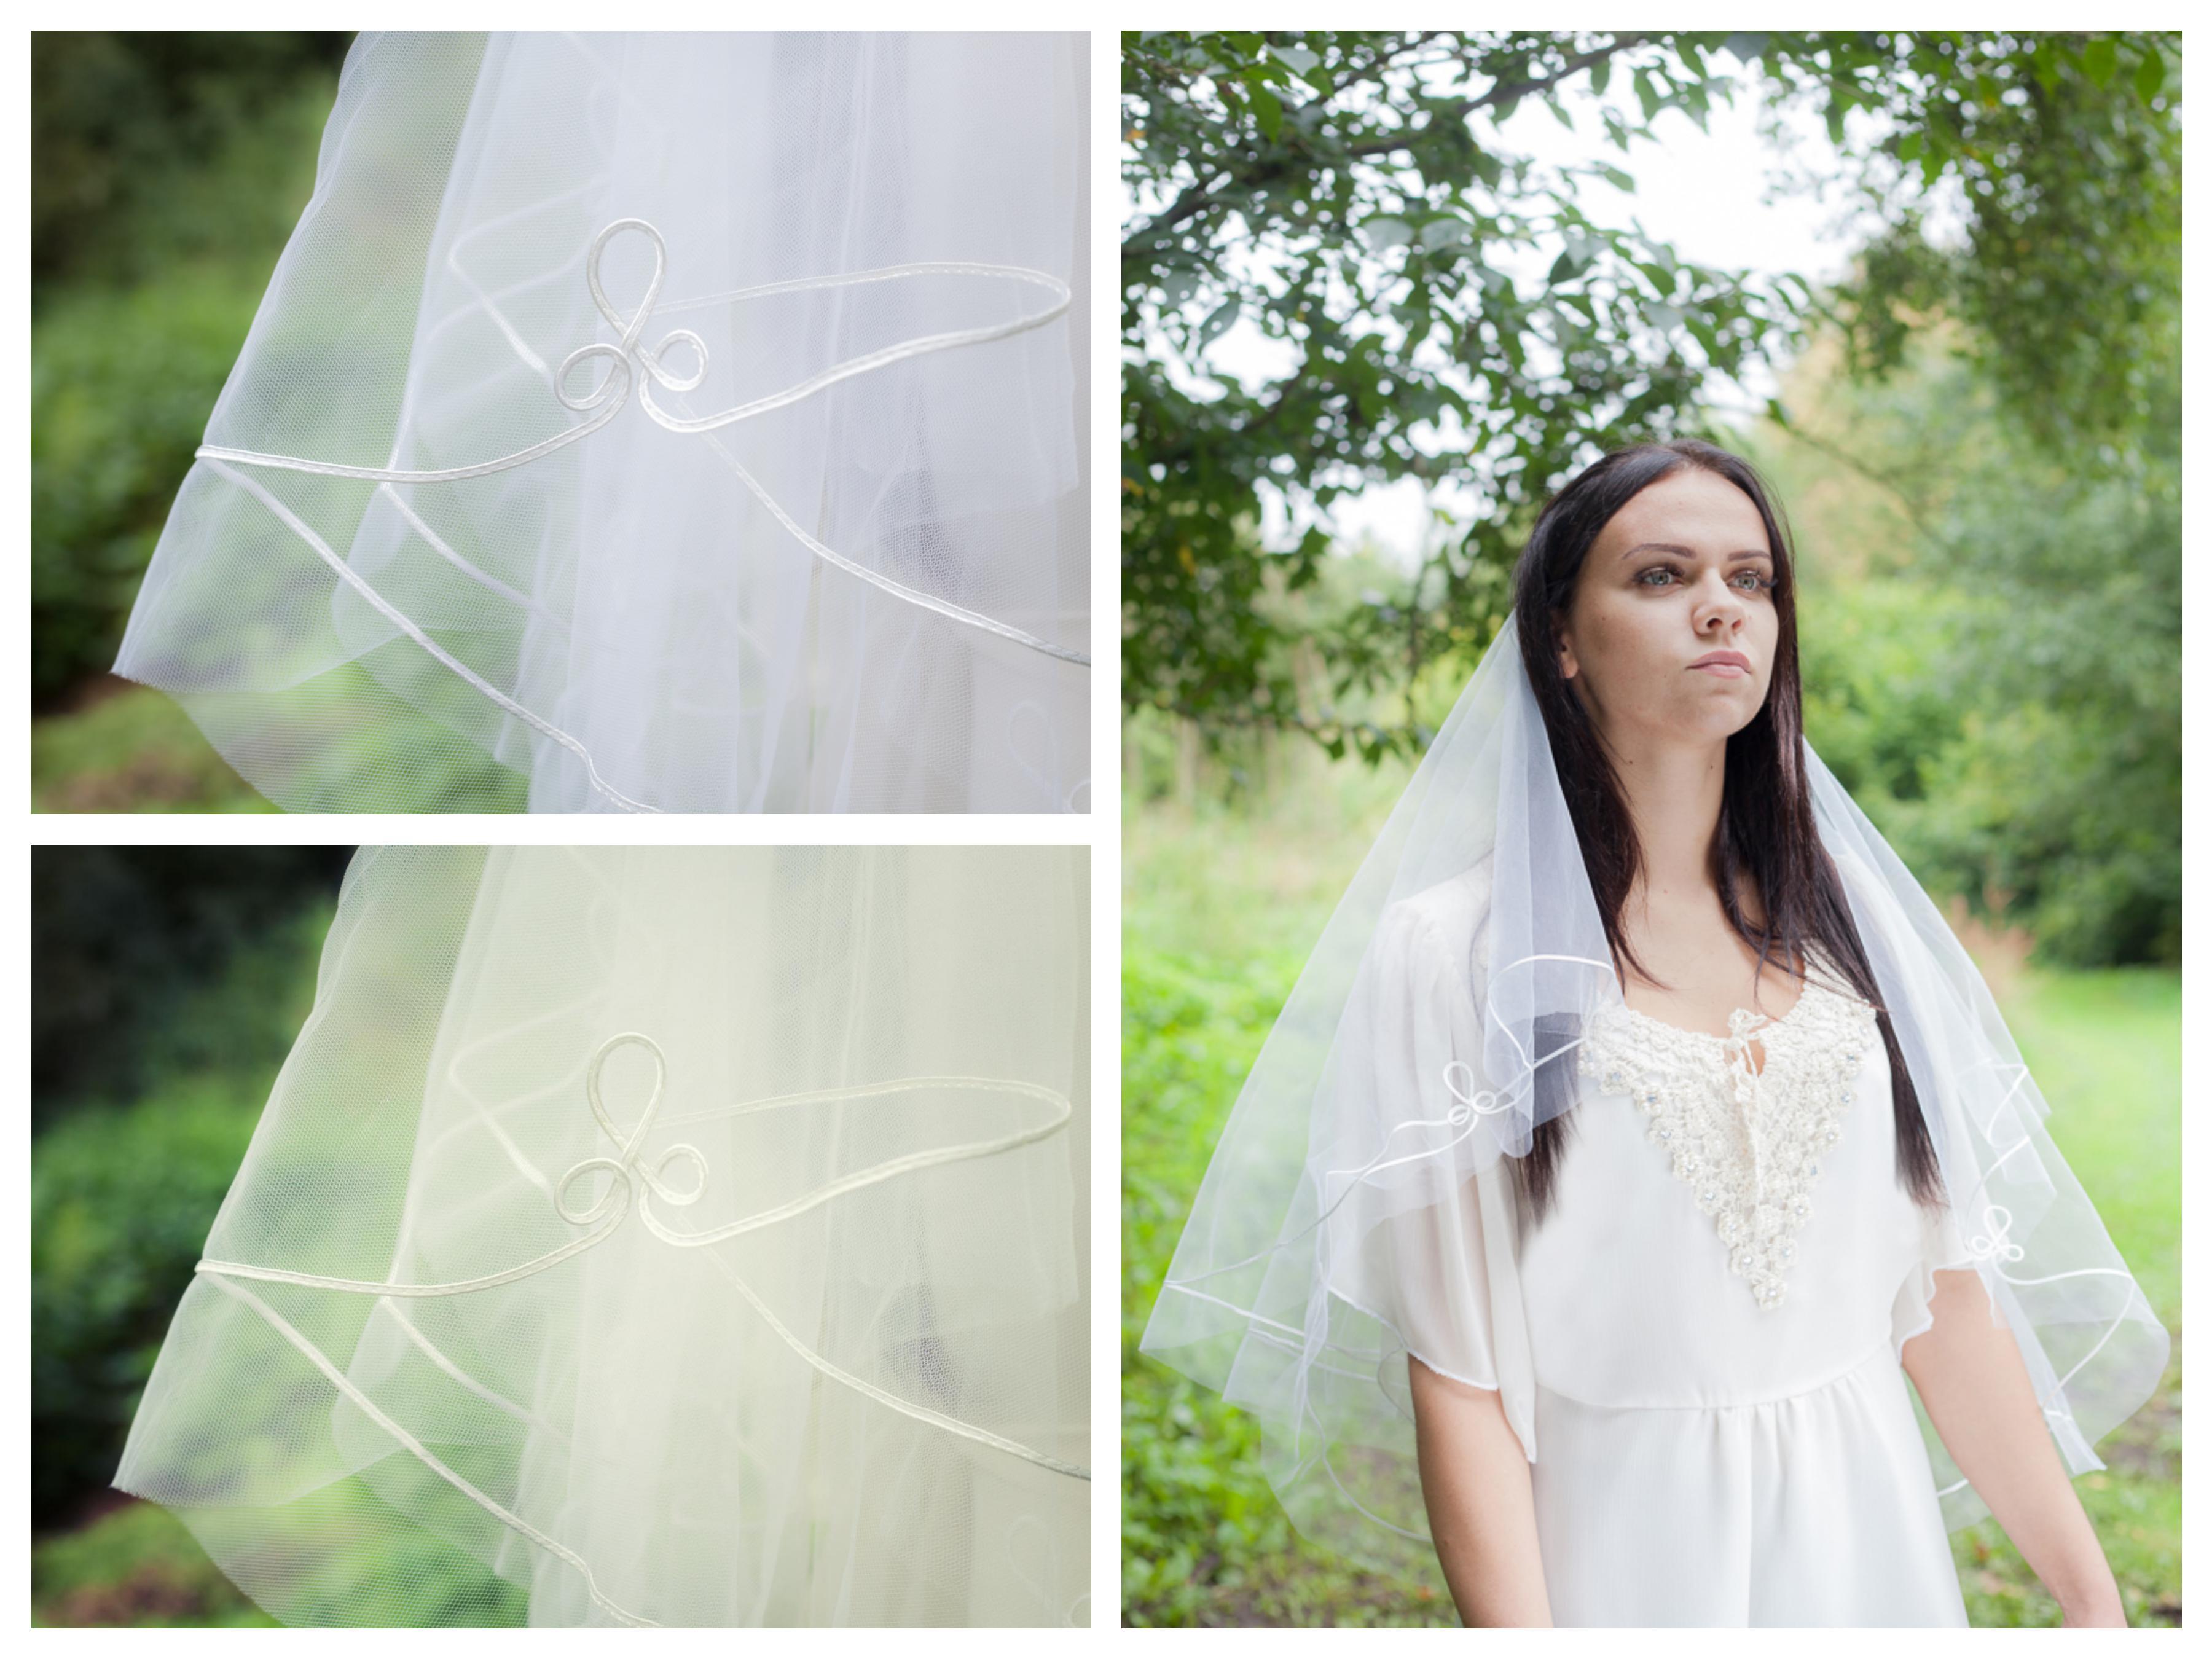 veliumas-mergvakariui-pigus-veliumas-baltas-nuometas-4_fotor_collage